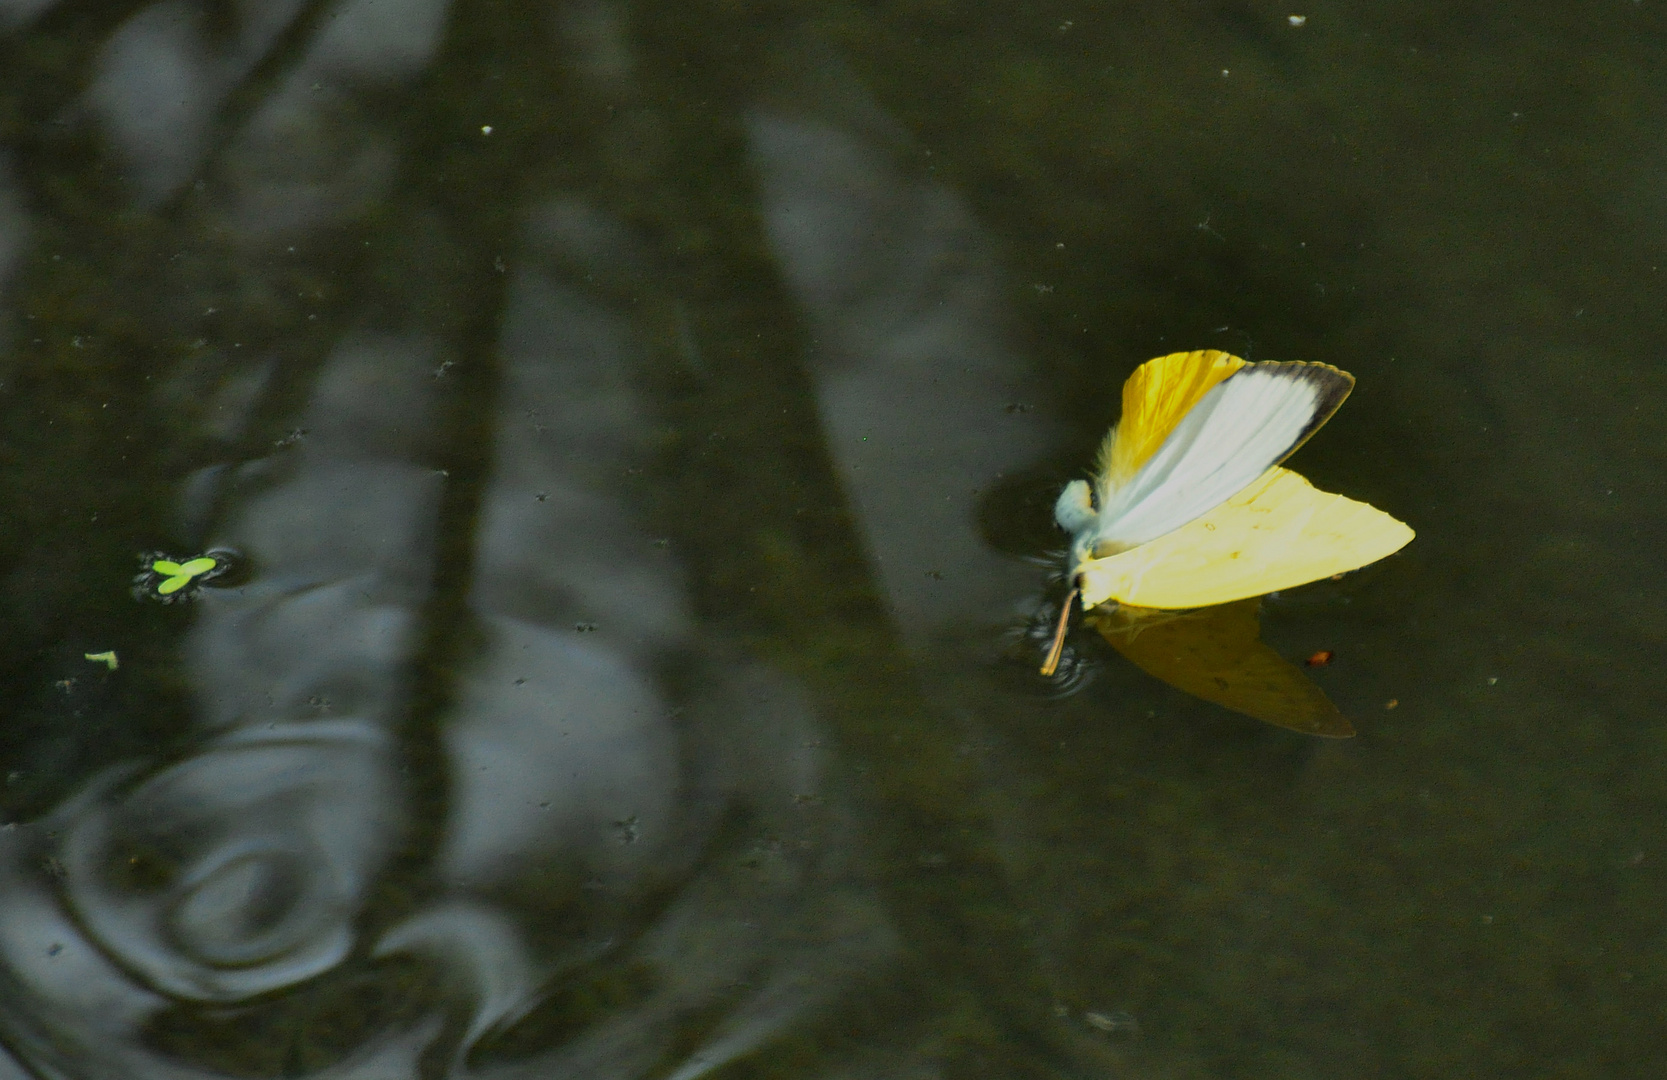 Seebestattung eines Papilioniden